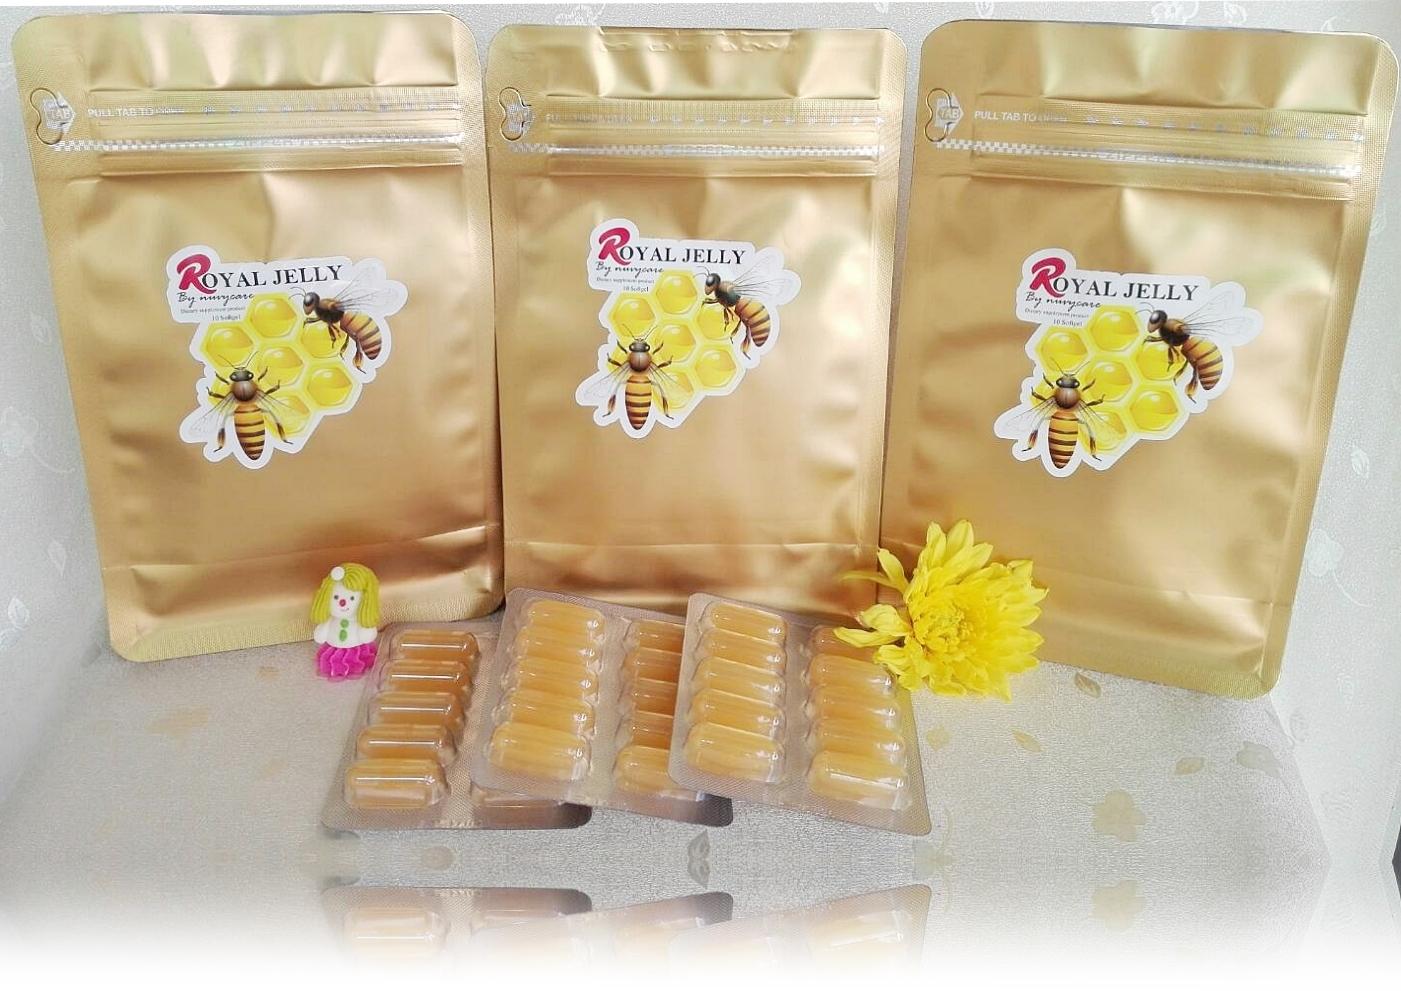 ROYAL JELLY 1200 mg เสริมสุขภาพ เสริมคอลลาเจน บำรุงผิวเนียน ผิวเด้ง ฆ่าความแก่ (1ซอง 30เม็ด)